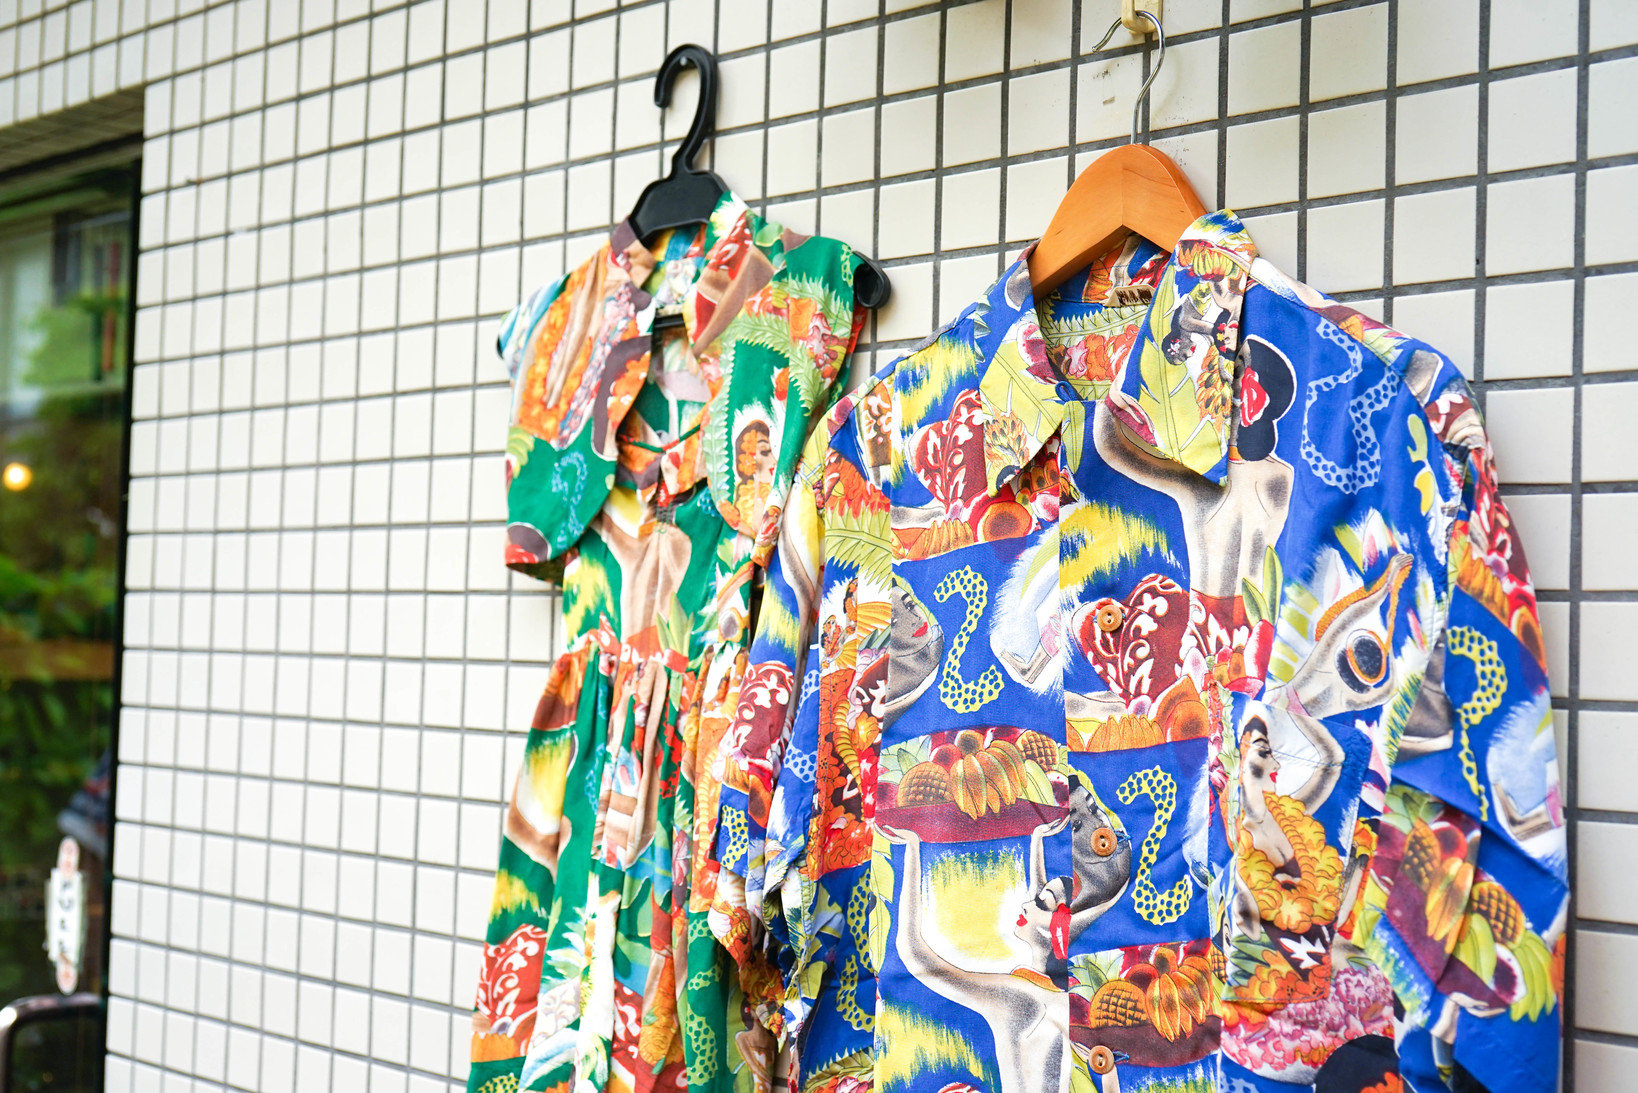 1930年代を代表するアーティスト「フランク・マッキントッシュ」がデザインしたメニュー柄をボディに使用したアロハシャツ。大人と子供用のアロハシャツがセットになっていることは今ではほとんどない。(参考品)